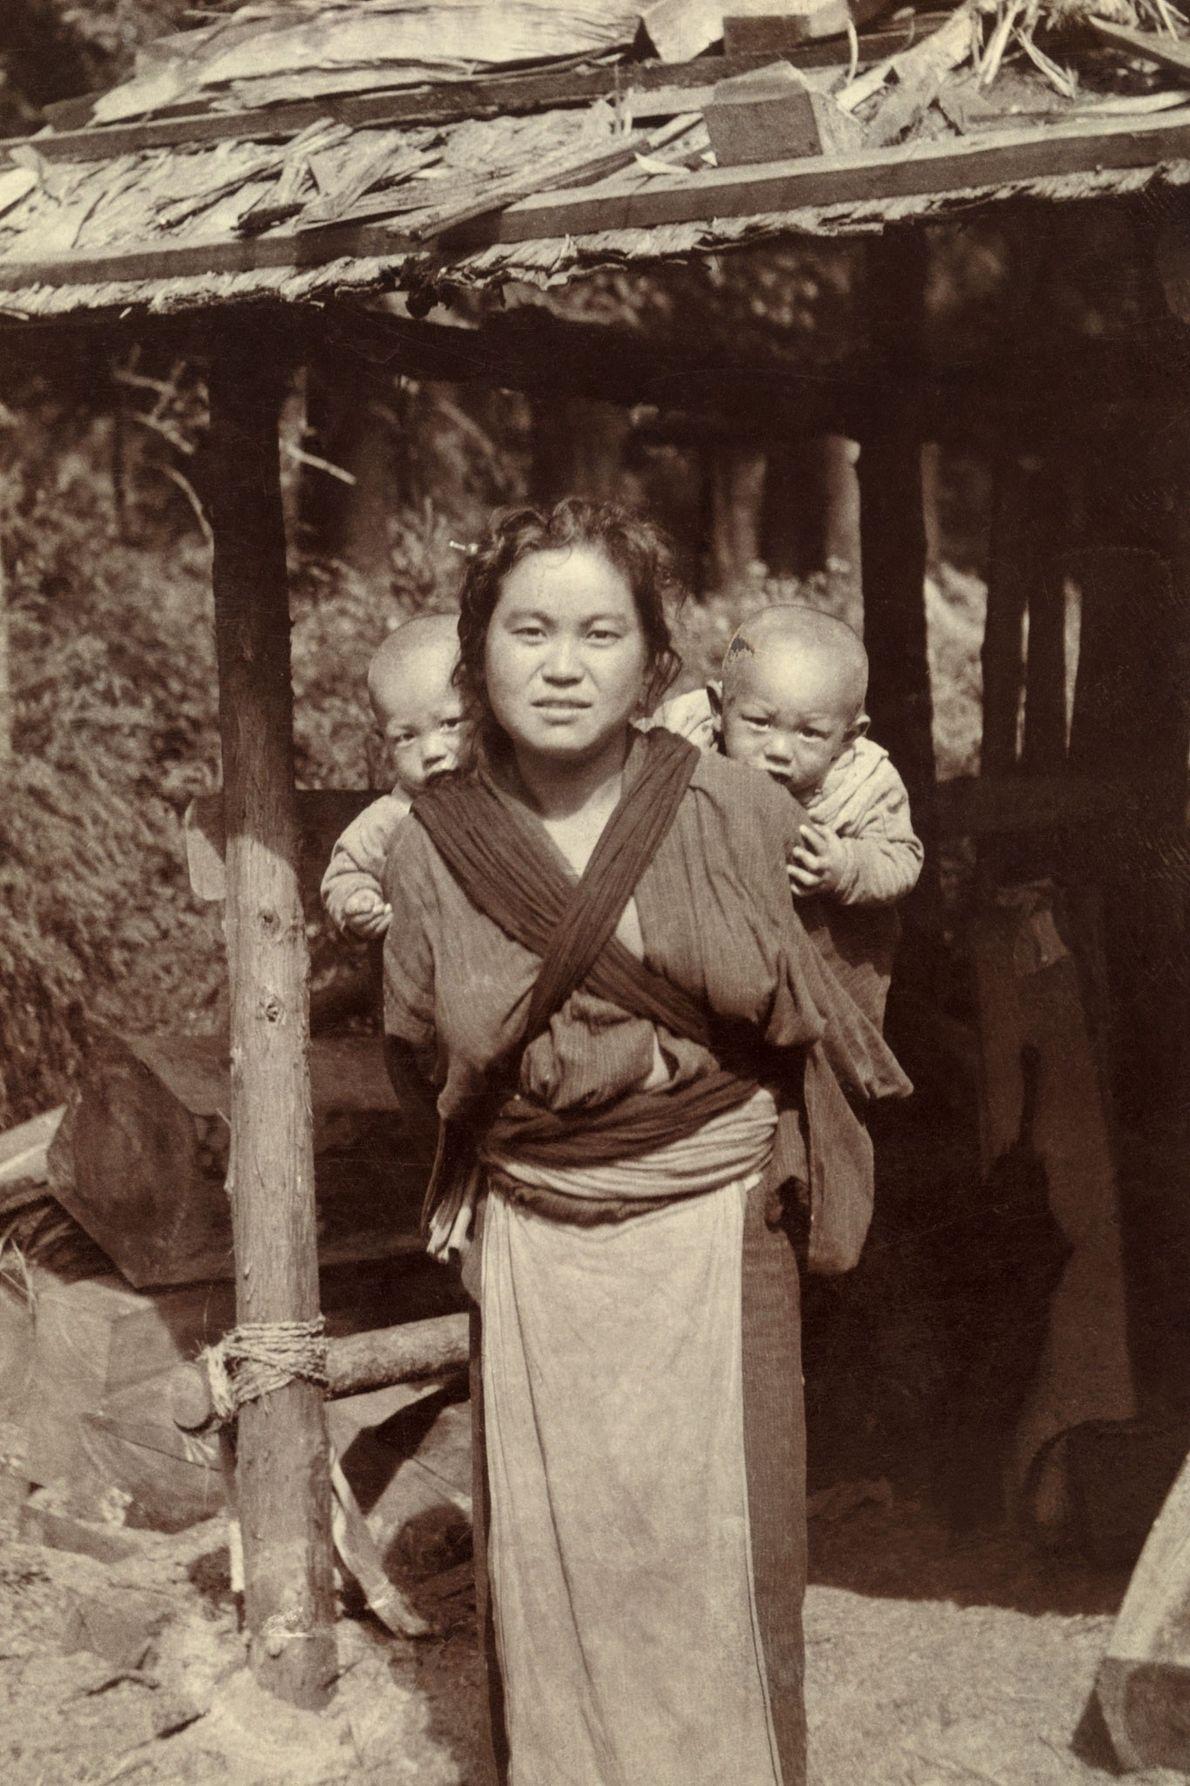 Uma mulher japonesa carrega seus gêmeos nas costas com um pano cruzado.